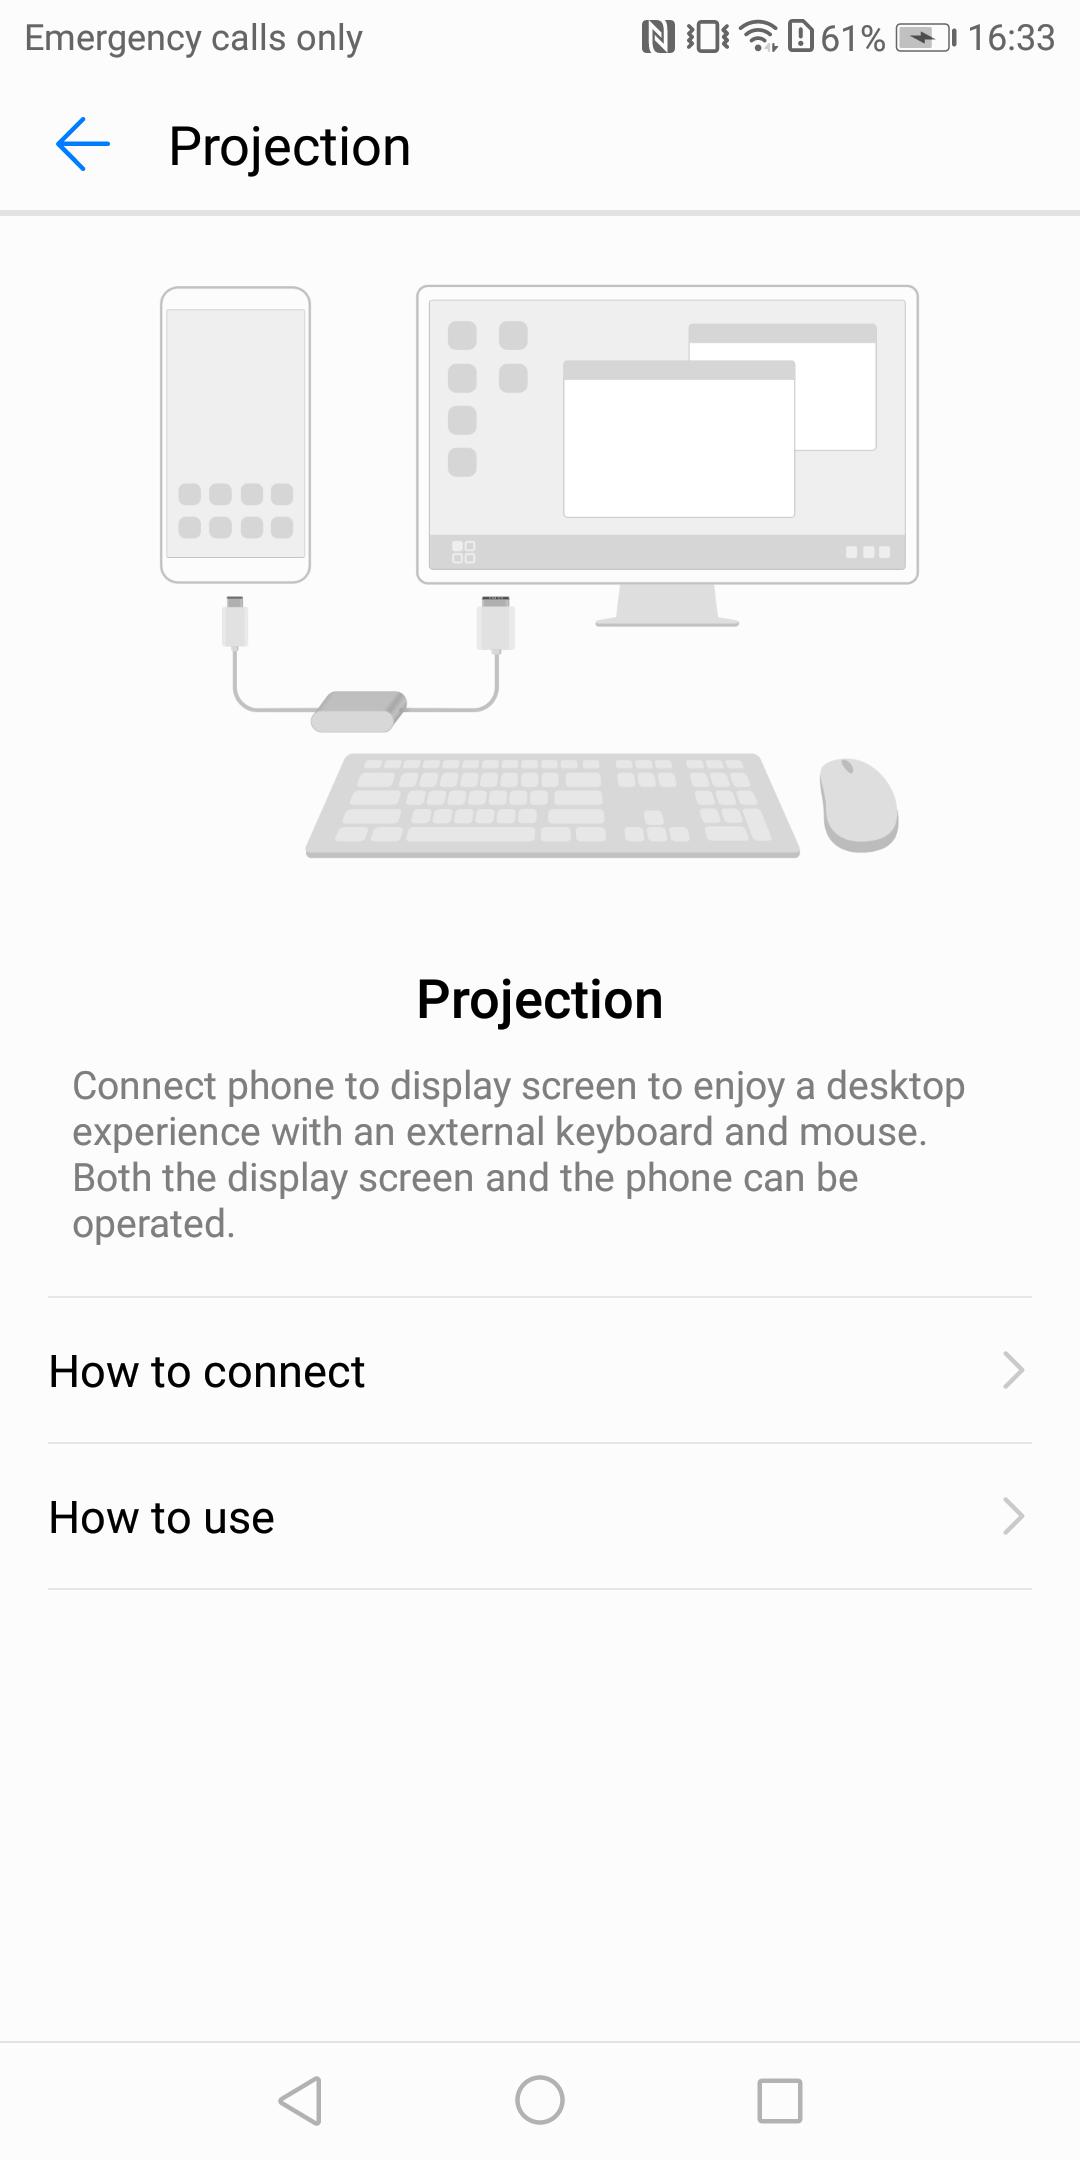 Huawei Mate 10 Pro - HardwareZone com sg